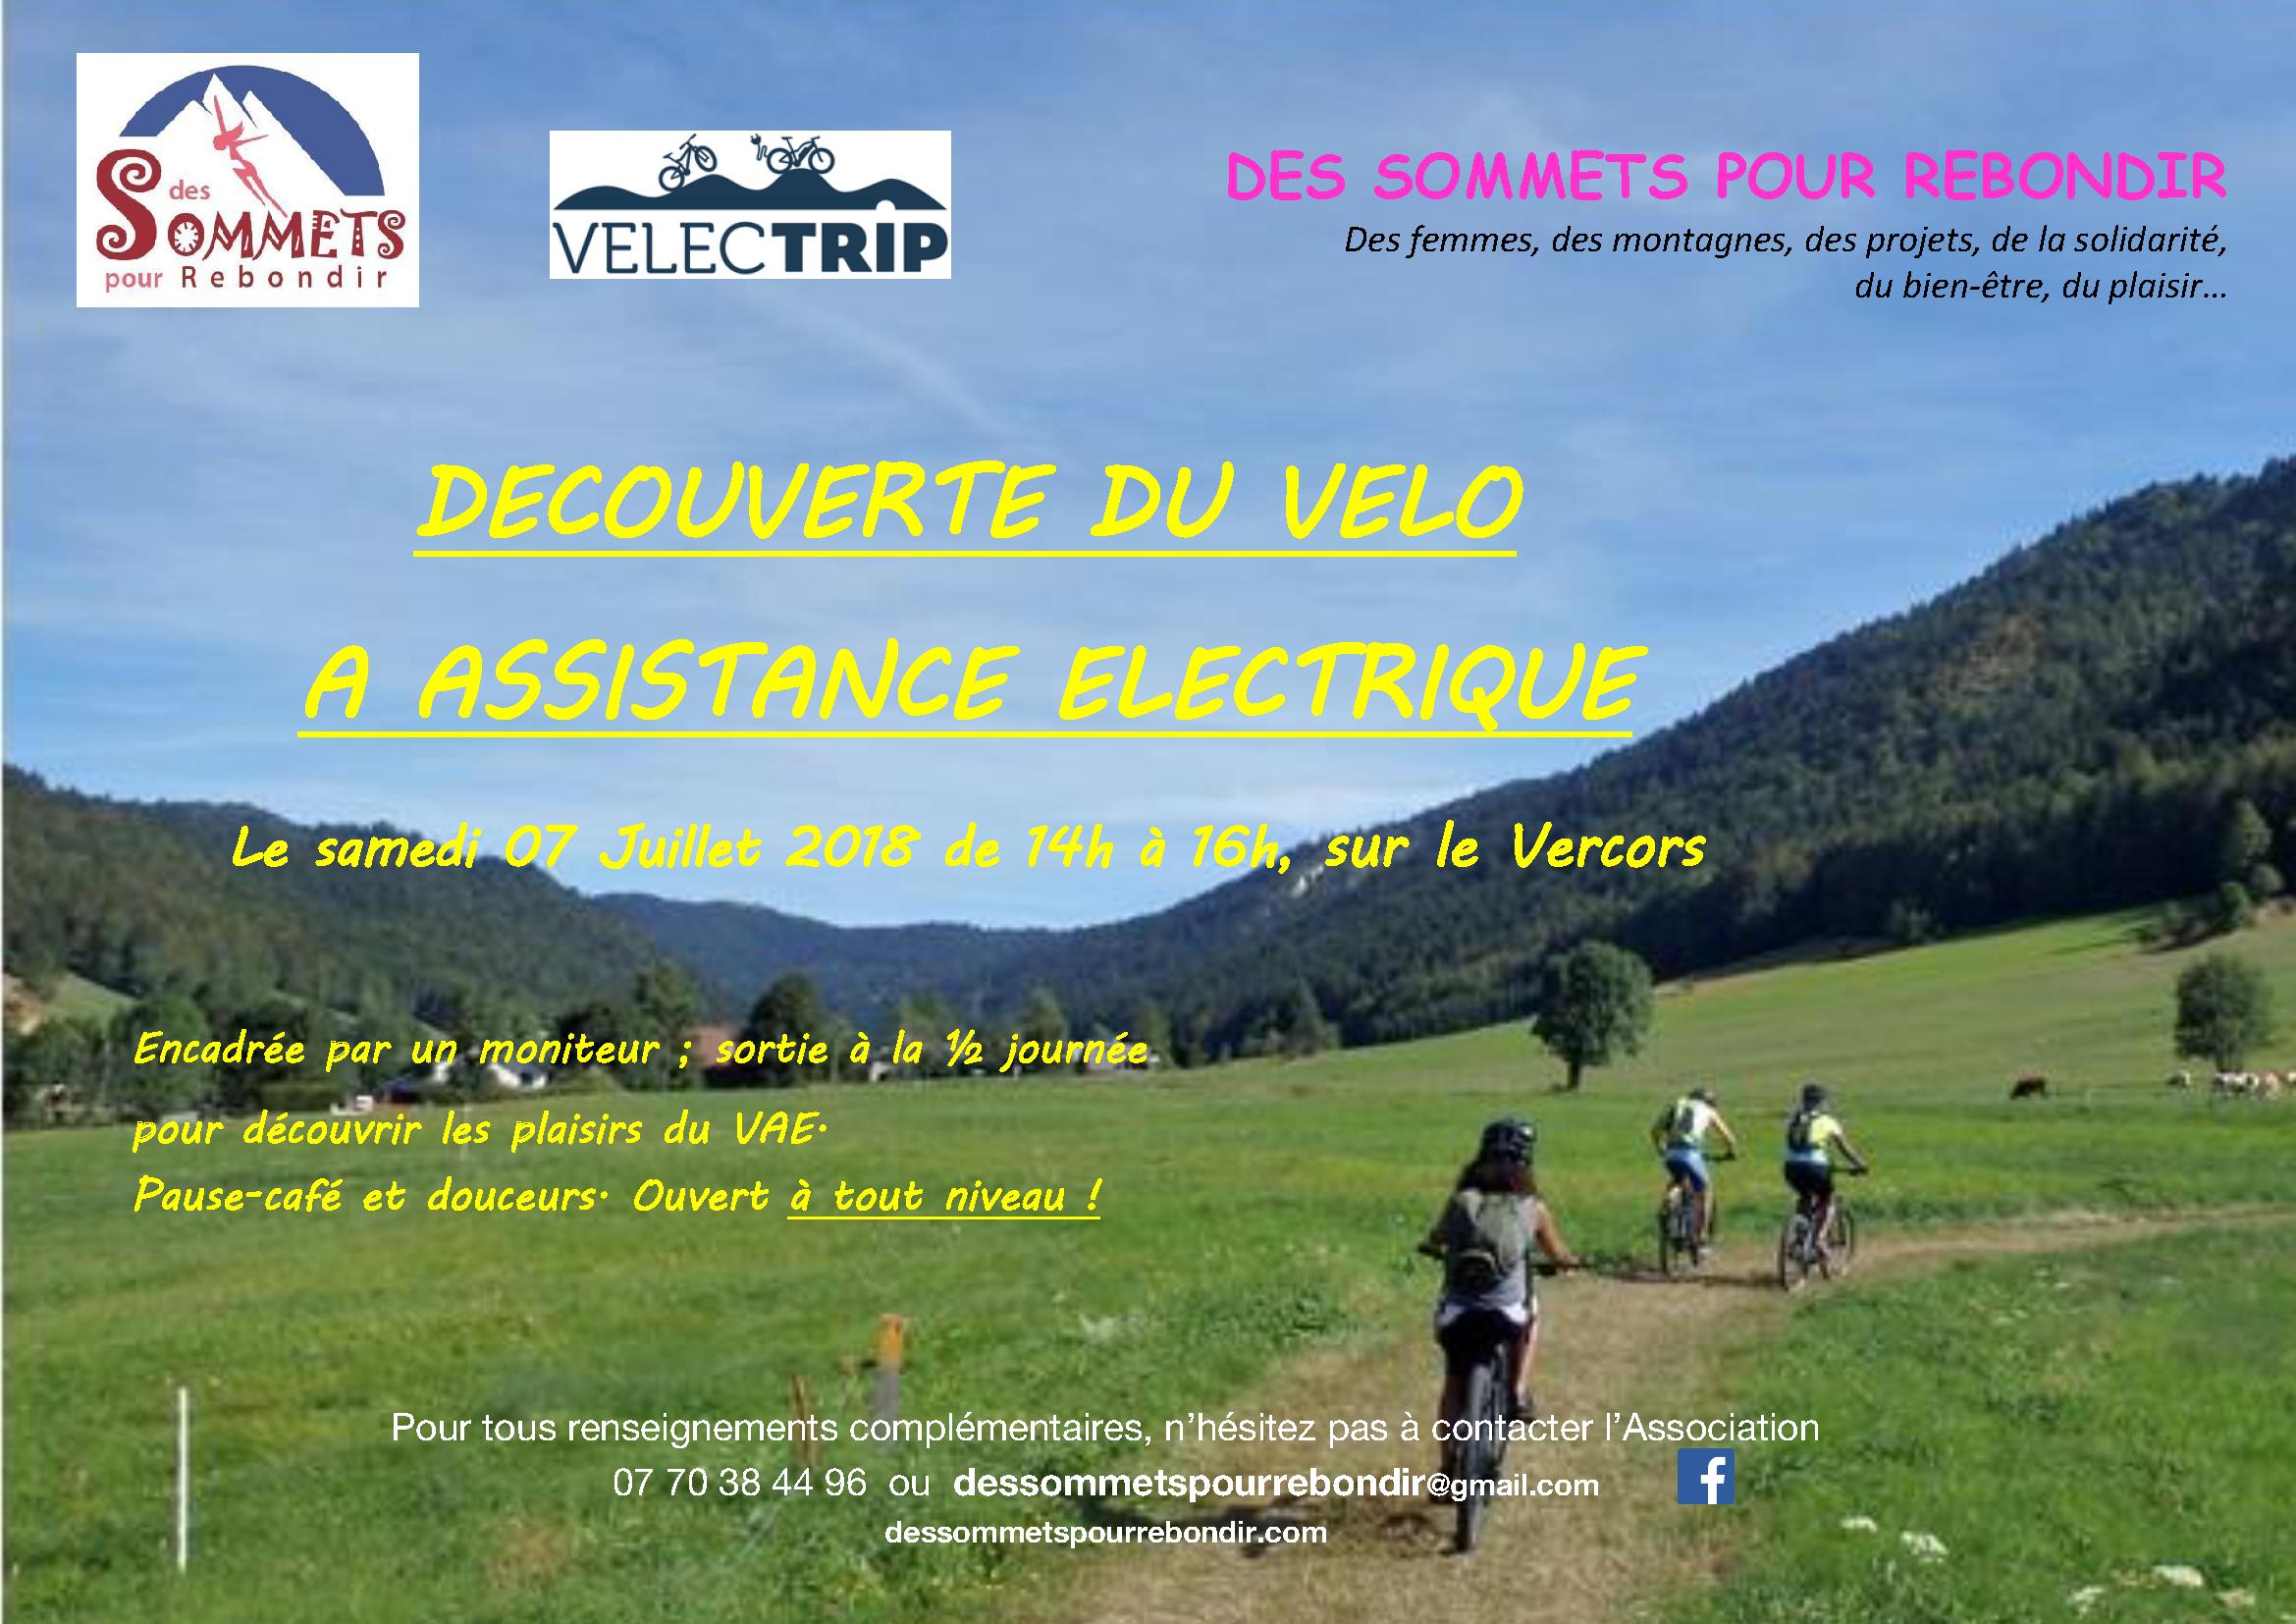 Sortie Découverte du Vélo à Assistance Electrique - Des Sommets pour Rebondir @ Dans le vercors